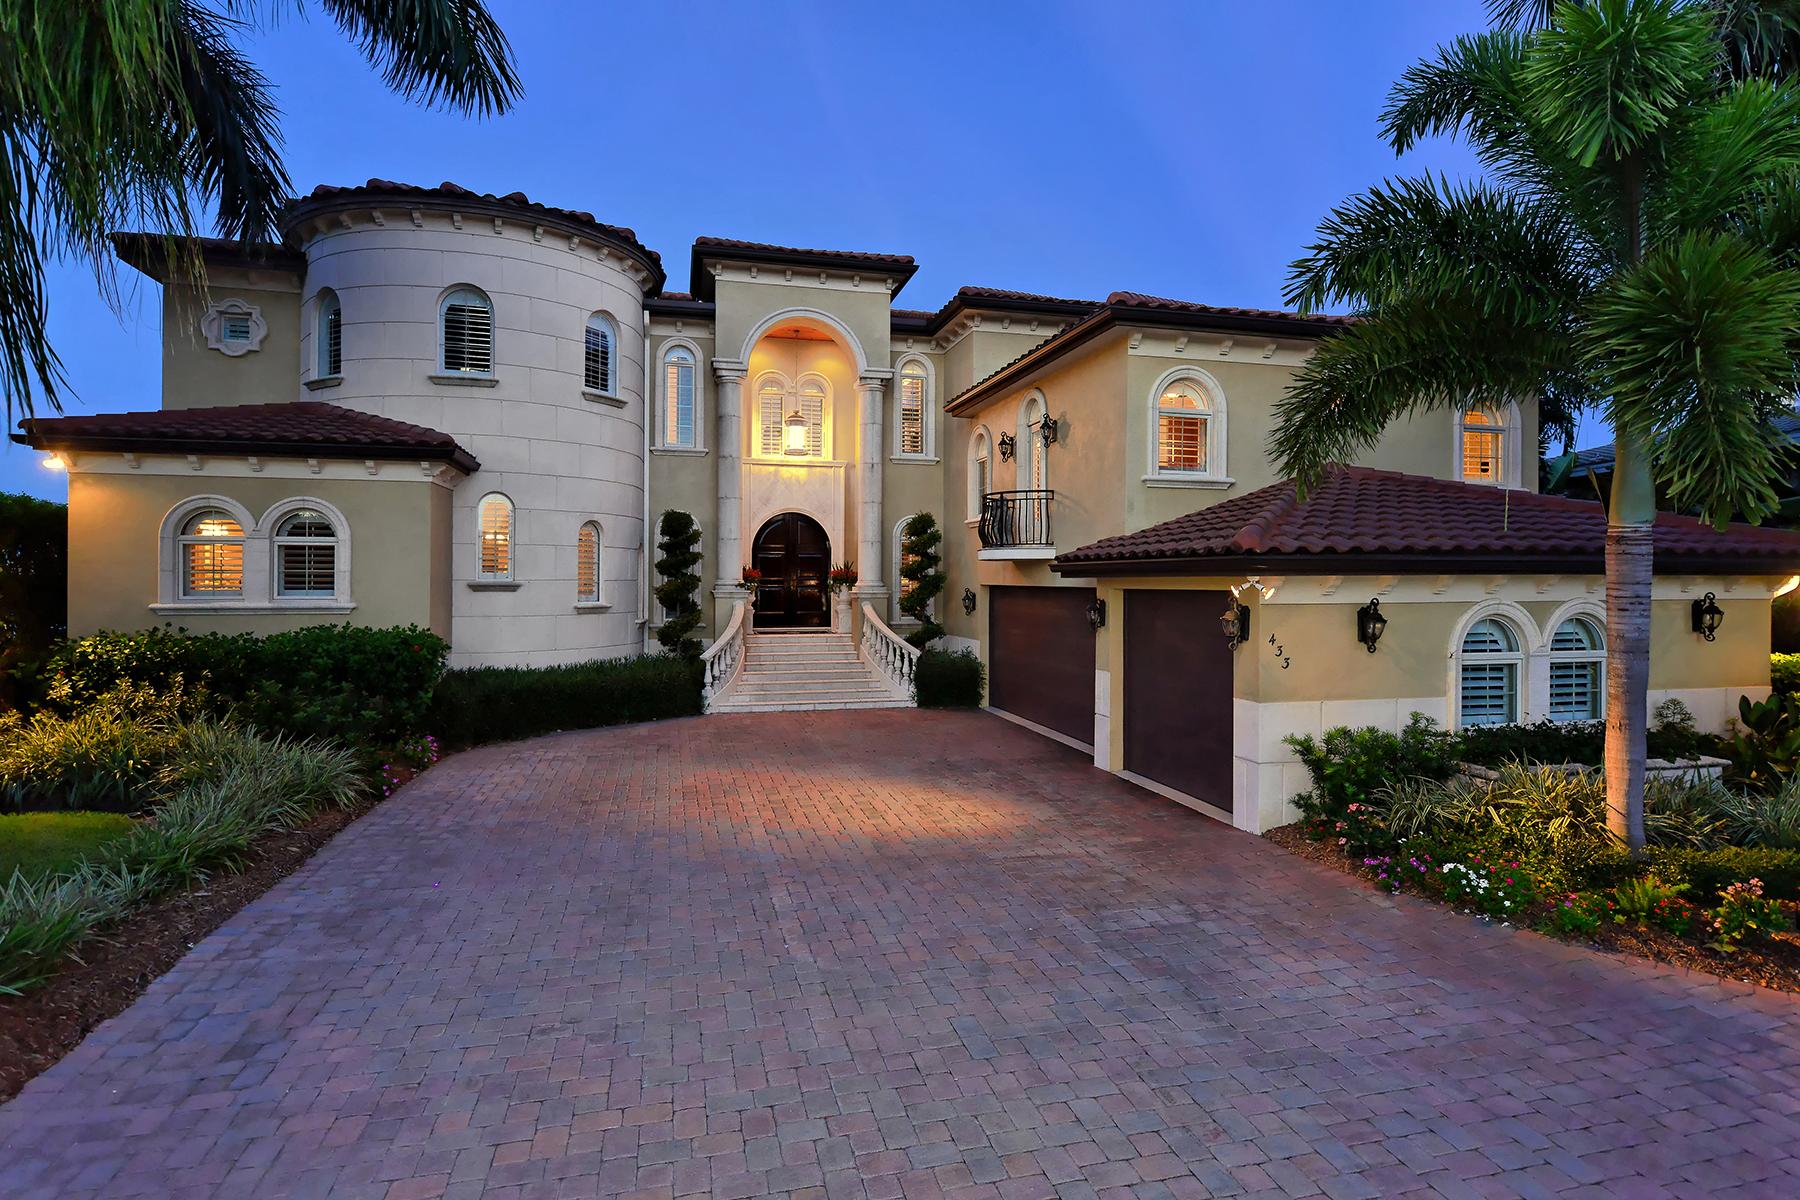 단독 가정 주택 용 매매 에 BIRD KEY 433 Meadow Lark Dr Sarasota, 플로리다 34236 미국